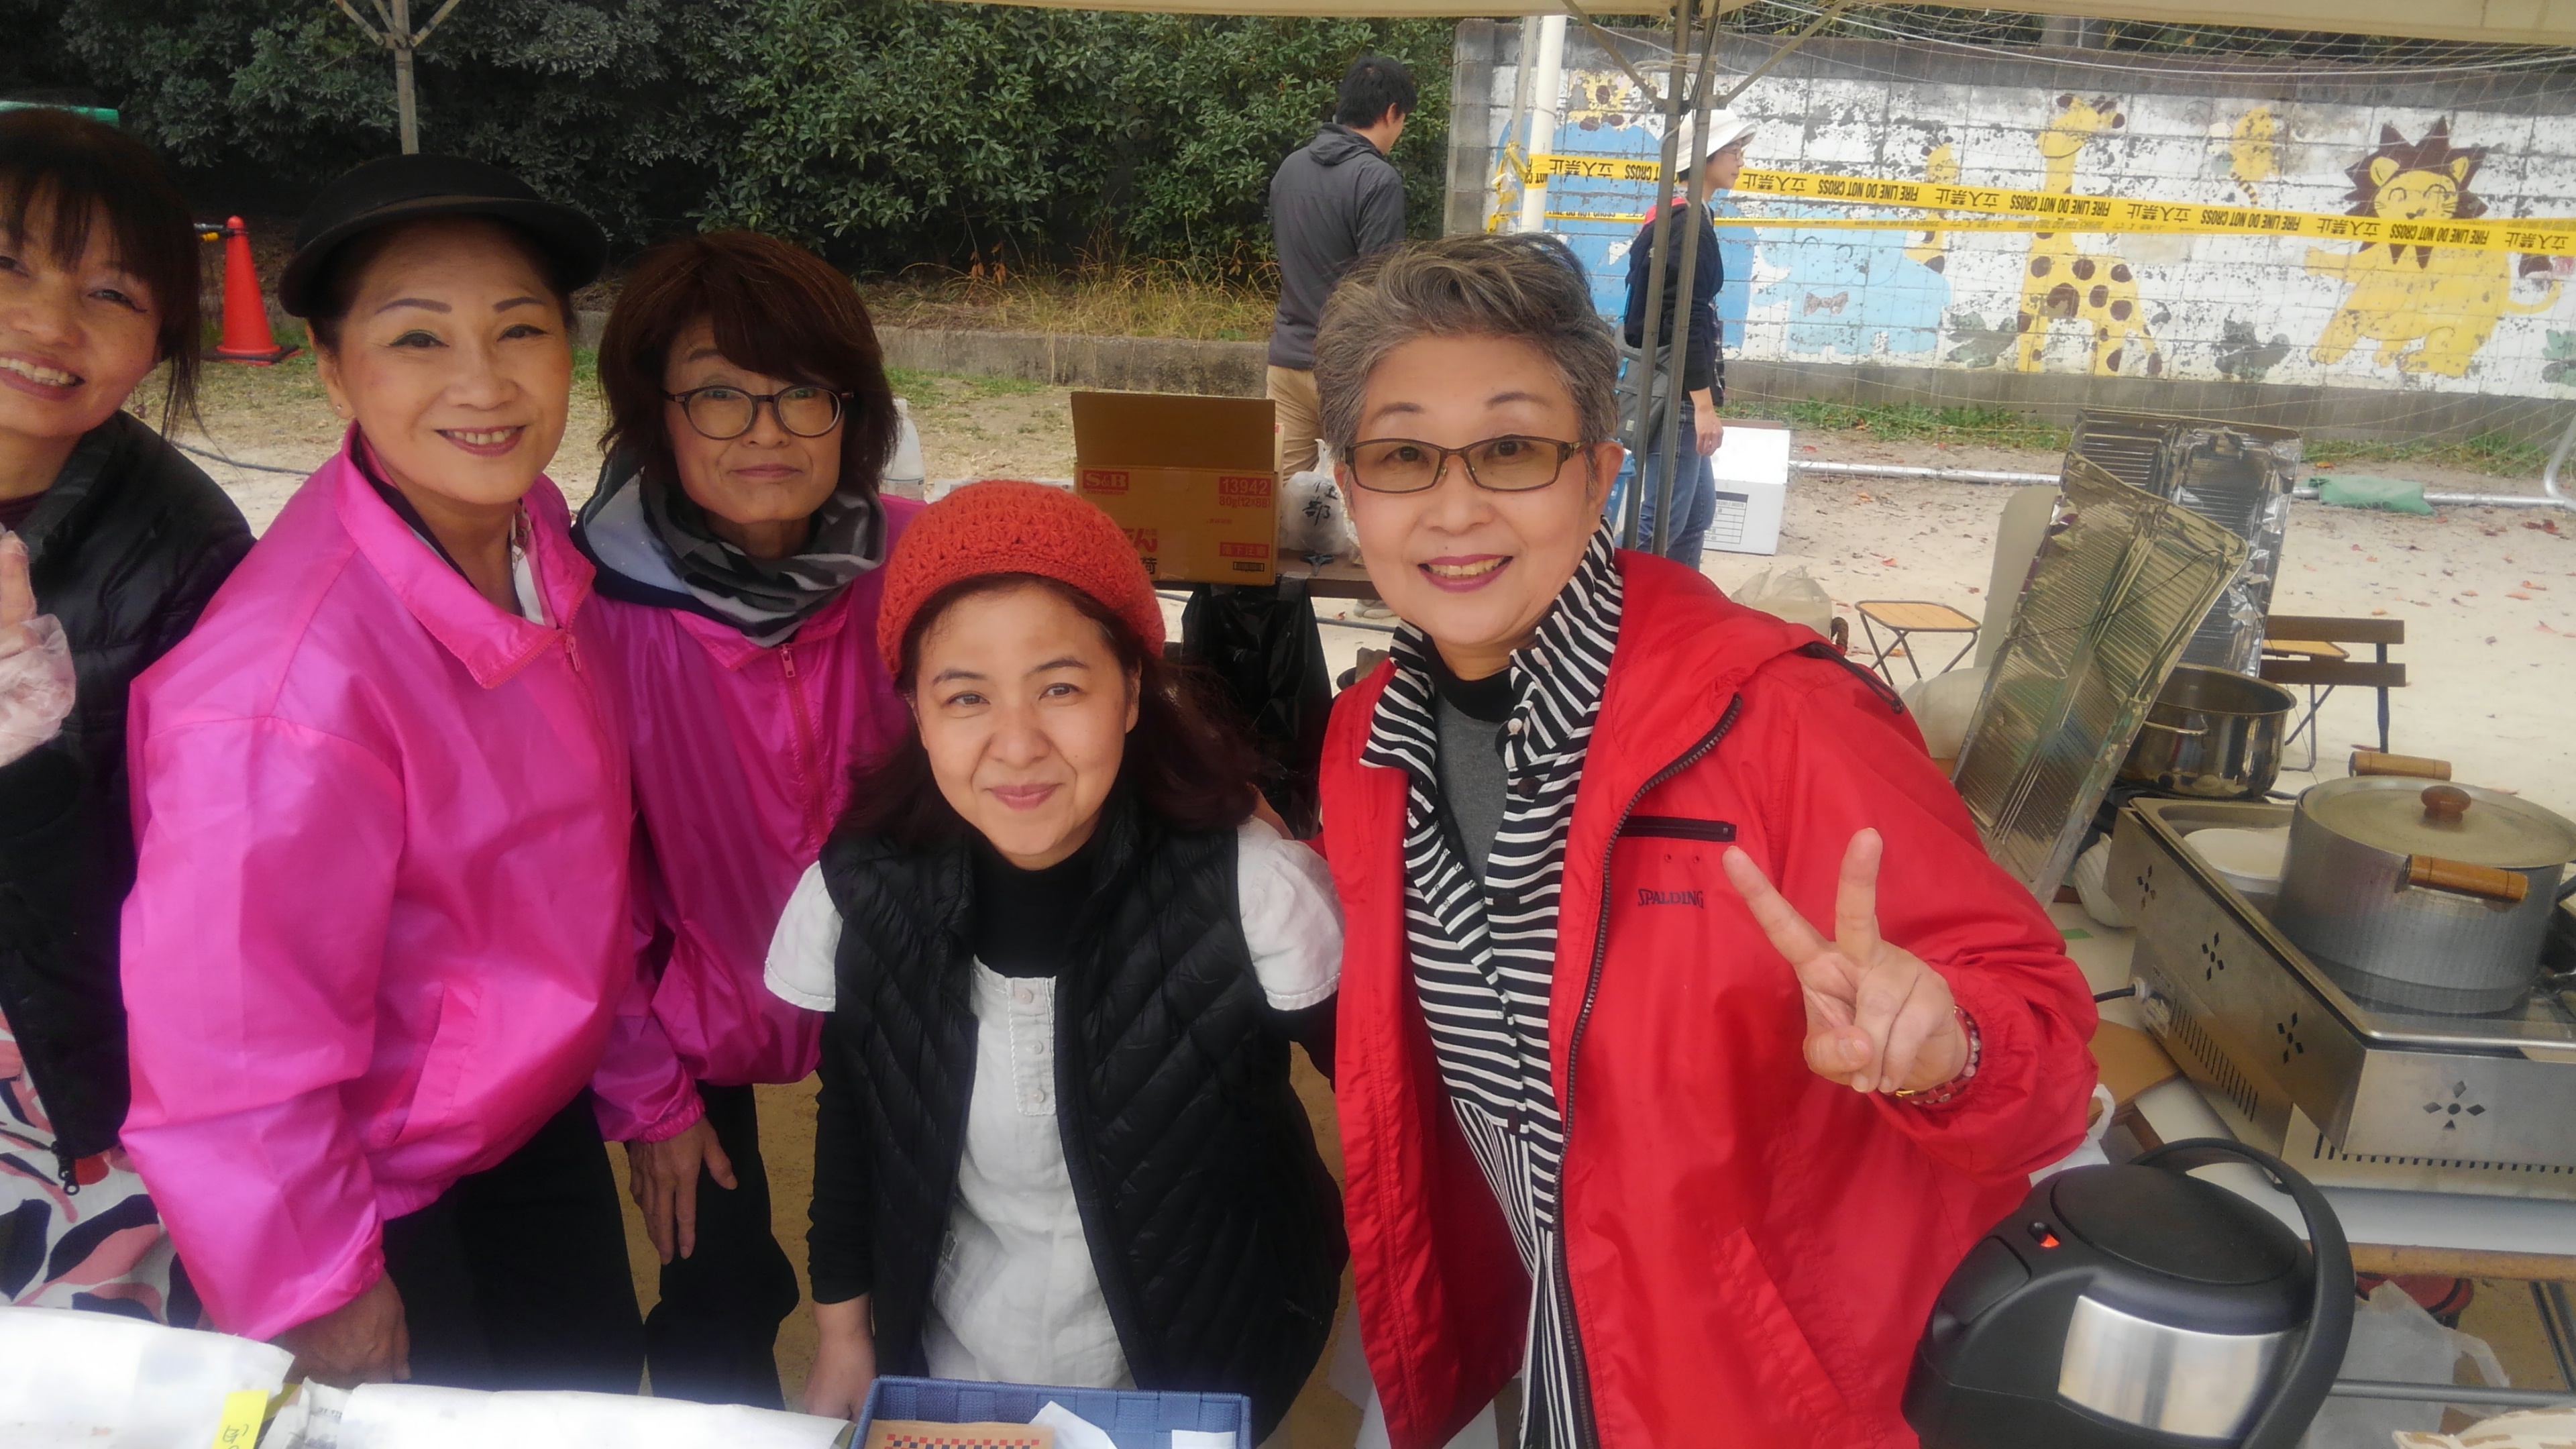 大山崎町の町民みんなのおまつり【天王山ゆひまつり】がありました。 💗🎪💗